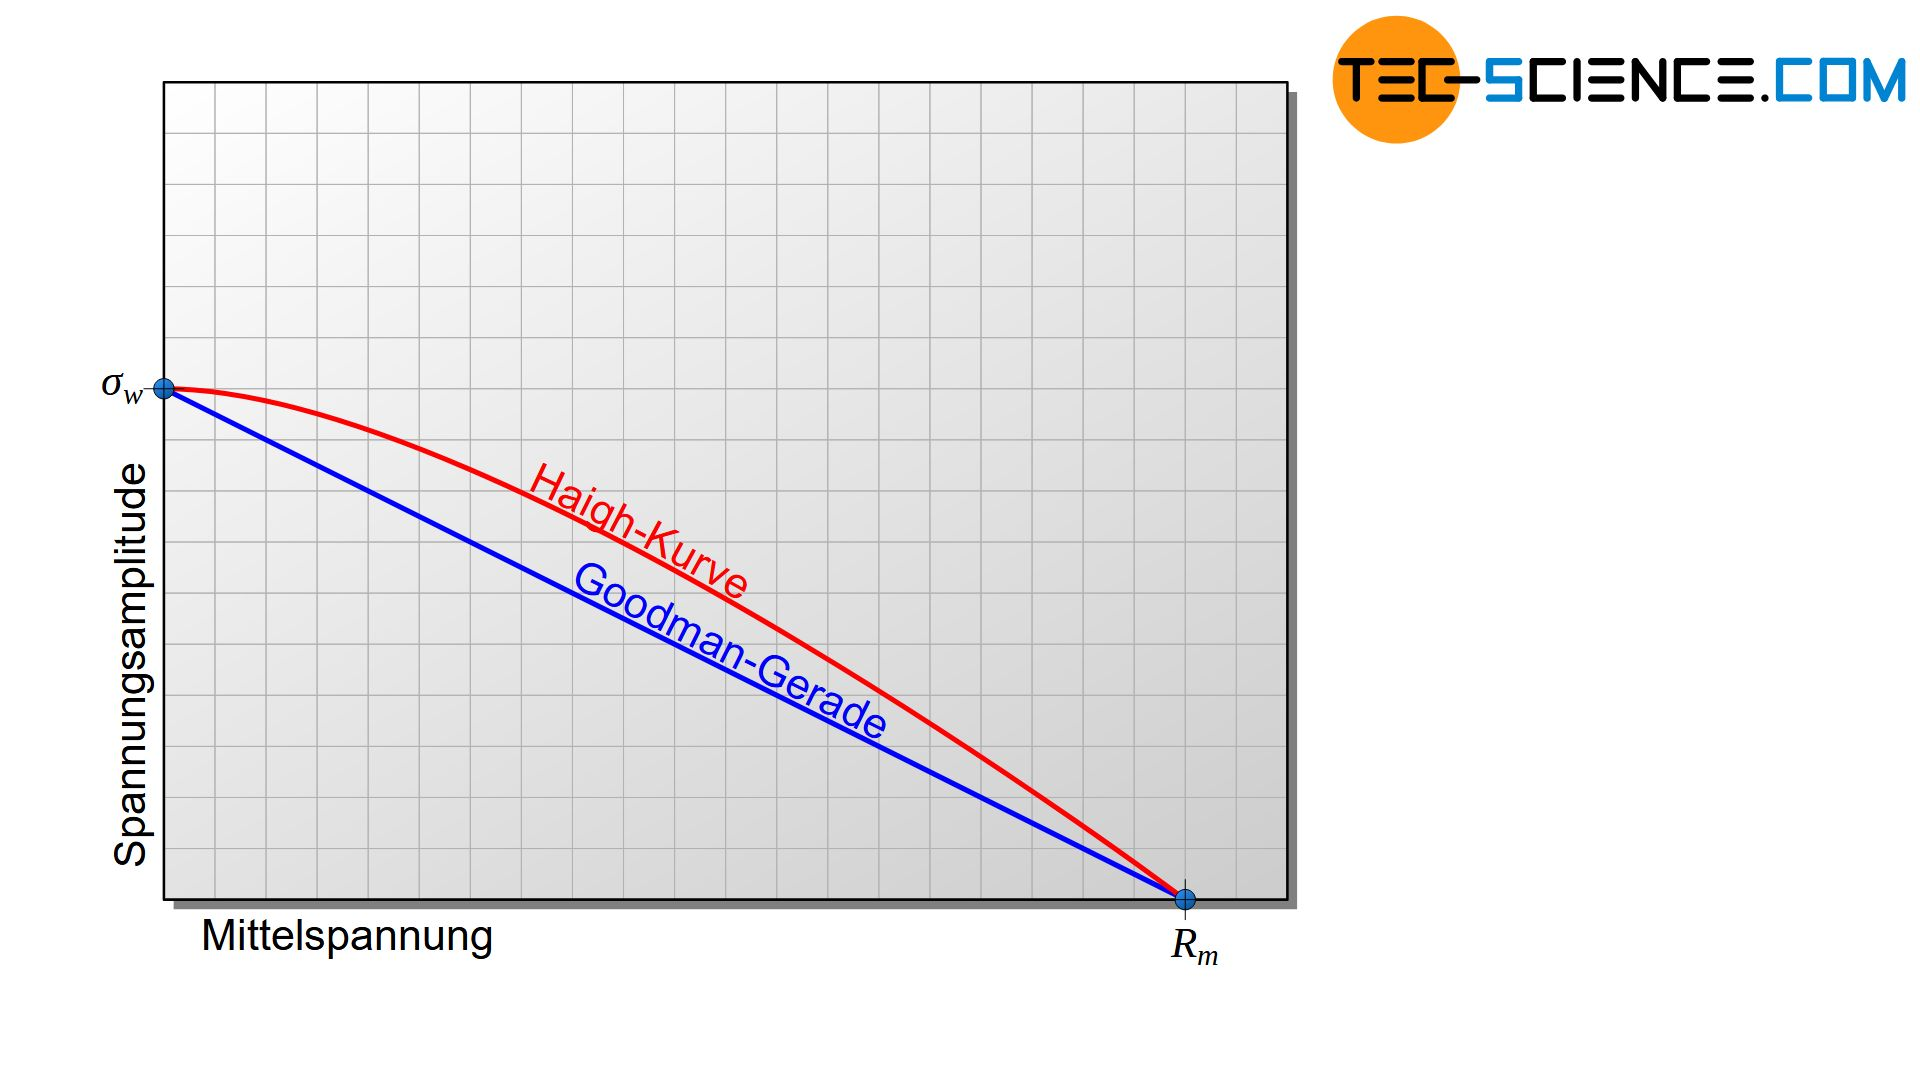 Haigh-Kurve und deren Näherung durch die Goodman-Gerade